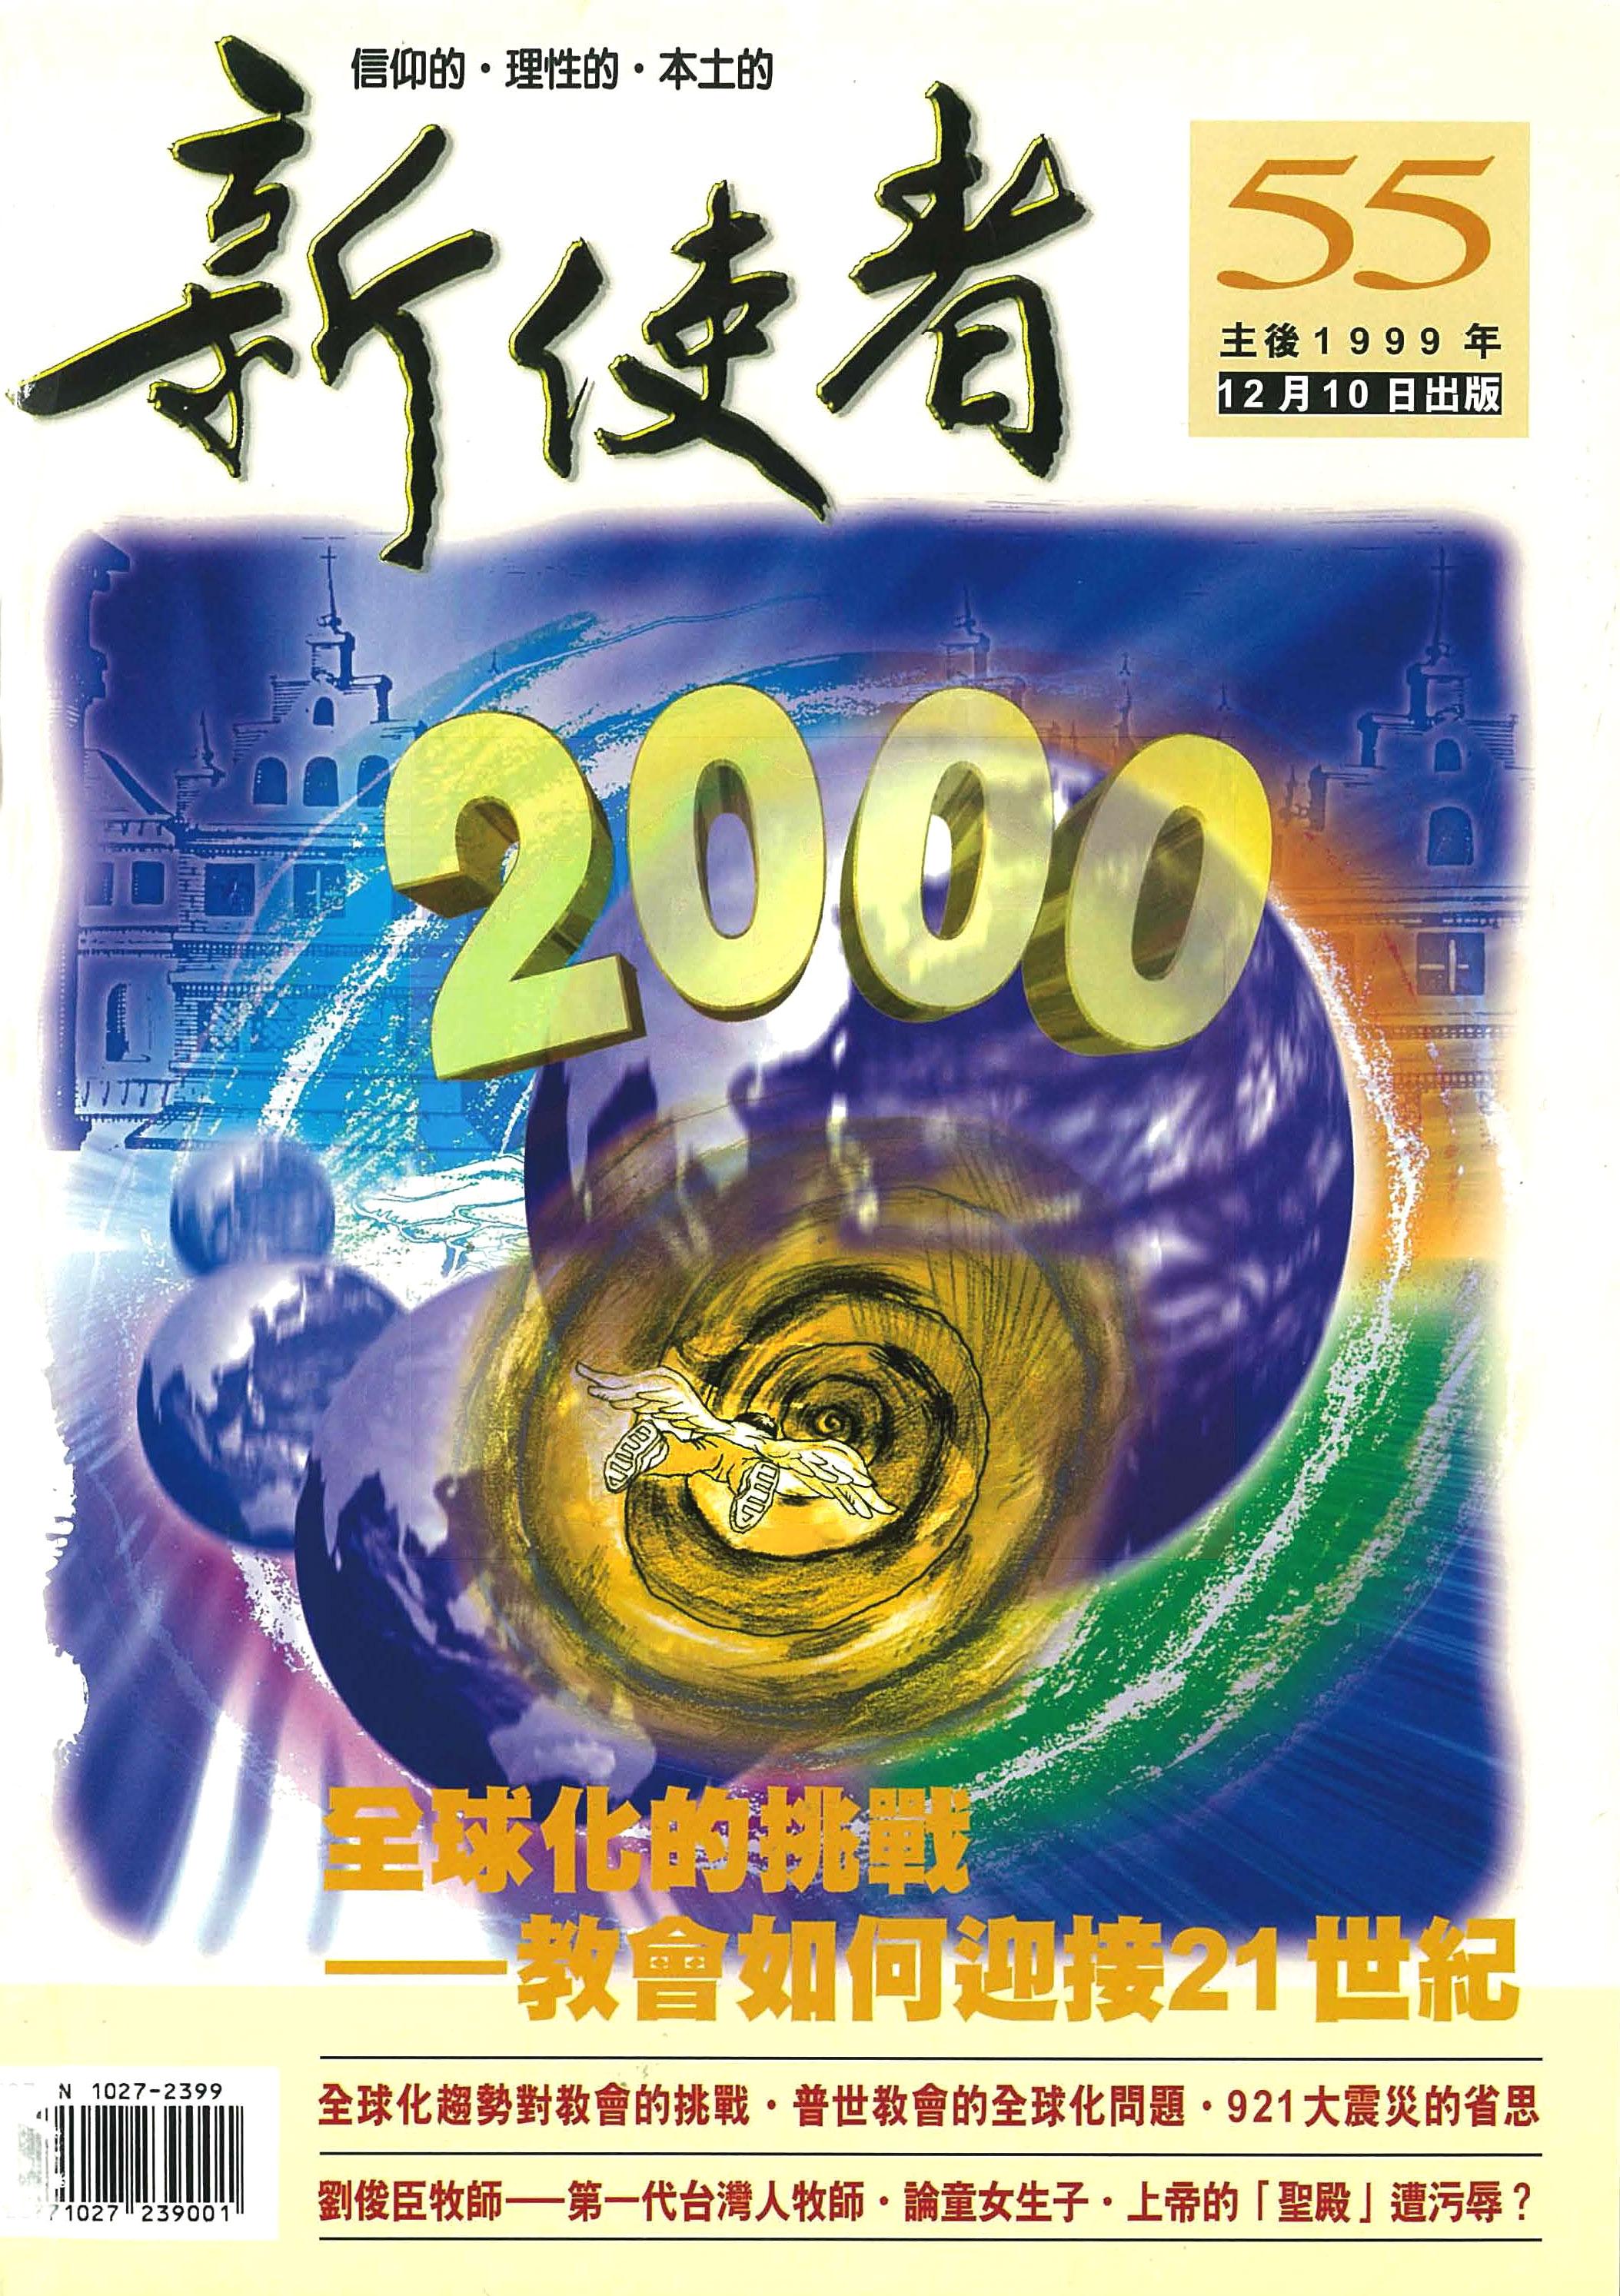 新使者雜誌 The New Messenger  55期  1999年  12月 全球化的挑戰——教會如何迎接21世紀